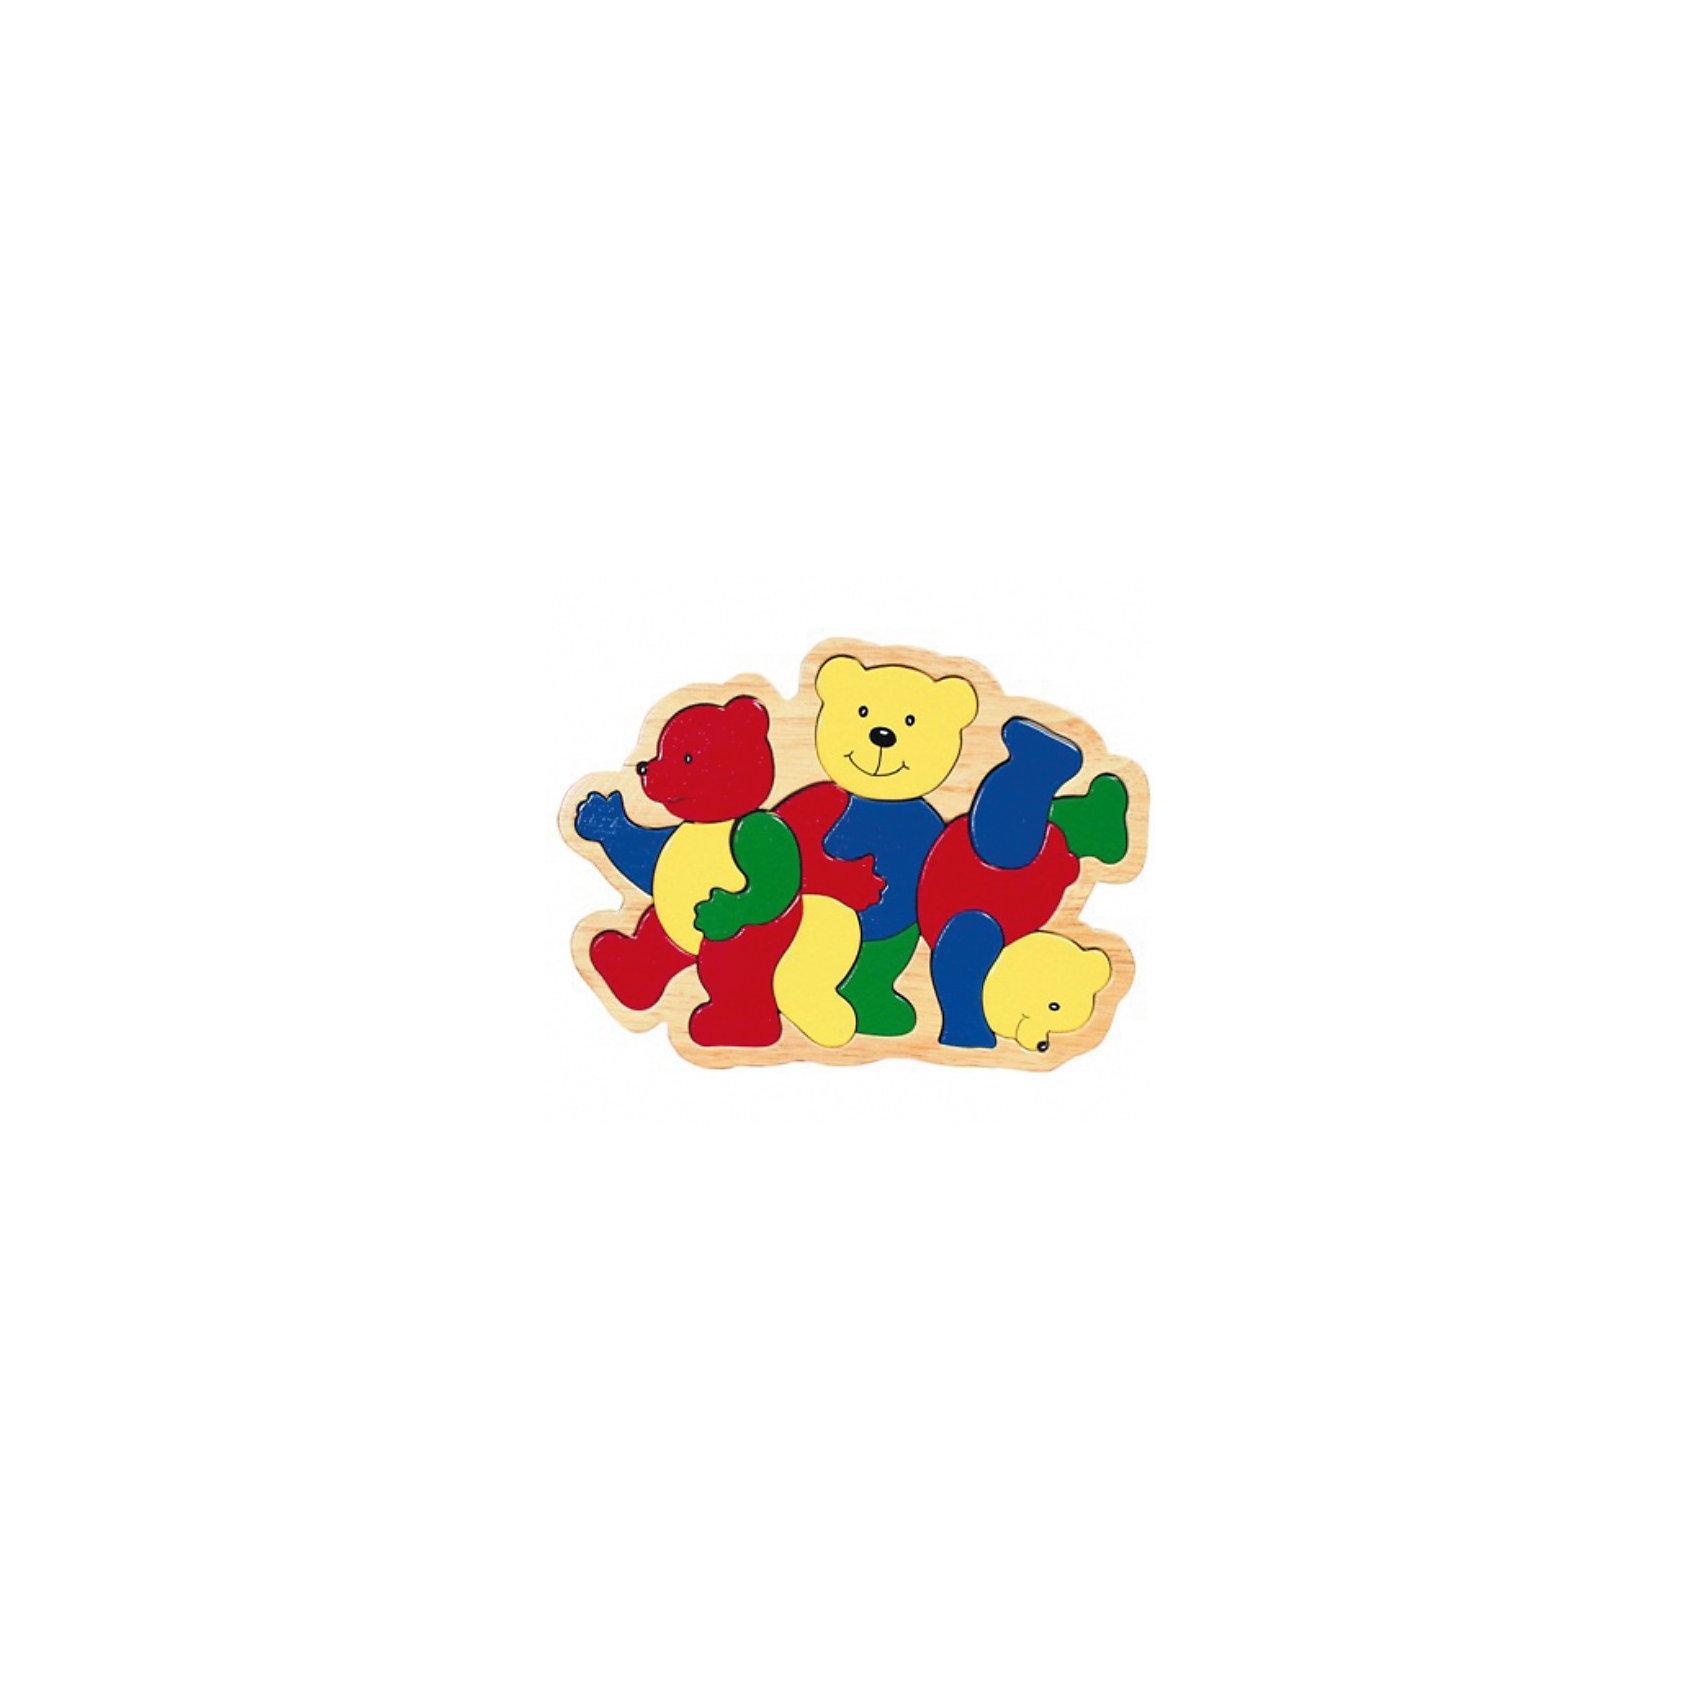 GOLLNEST &amp; KIESEL Пазл Три медведяПервый пазл малыша состоит из 16-ти частей. Пазл развивает моторику, координацию движений малыша, благодаря ему ребенок узнает много нового о предметах и животных. Материал: дерево, стойкие безопасные краски на водной основе без вреда для здоровья   Бренд: TOYS PURE<br><br>Ширина мм: 260<br>Глубина мм: 15<br>Высота мм: 190<br>Вес г: 449<br>Возраст от месяцев: 24<br>Возраст до месяцев: 60<br>Пол: Унисекс<br>Возраст: Детский<br>SKU: 2328664